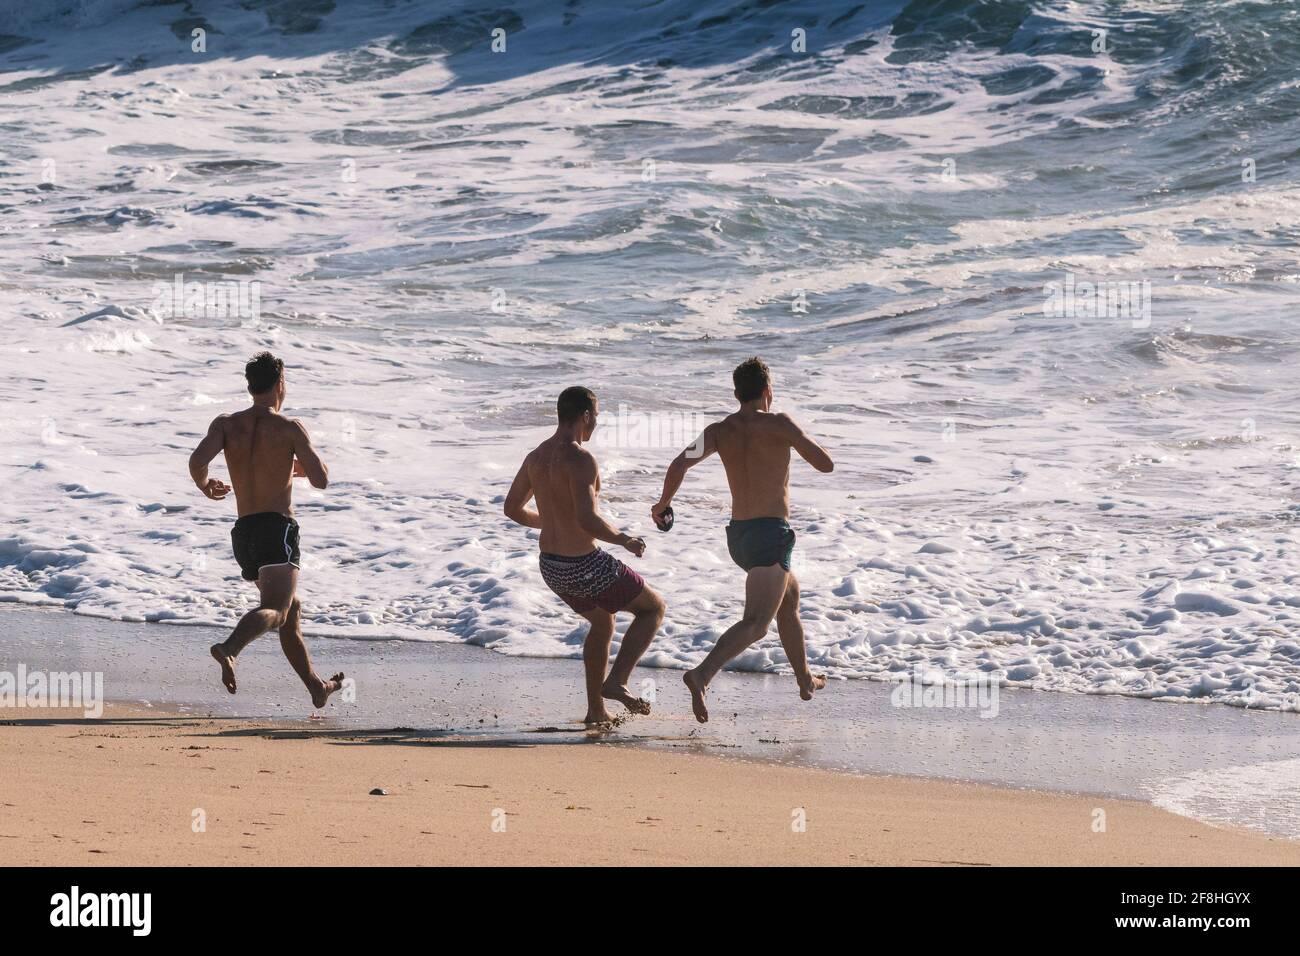 Des vacanciers mâles qui se rendient dans la mer à Fistral Beach à Newquay, en Cornouailles. Banque D'Images